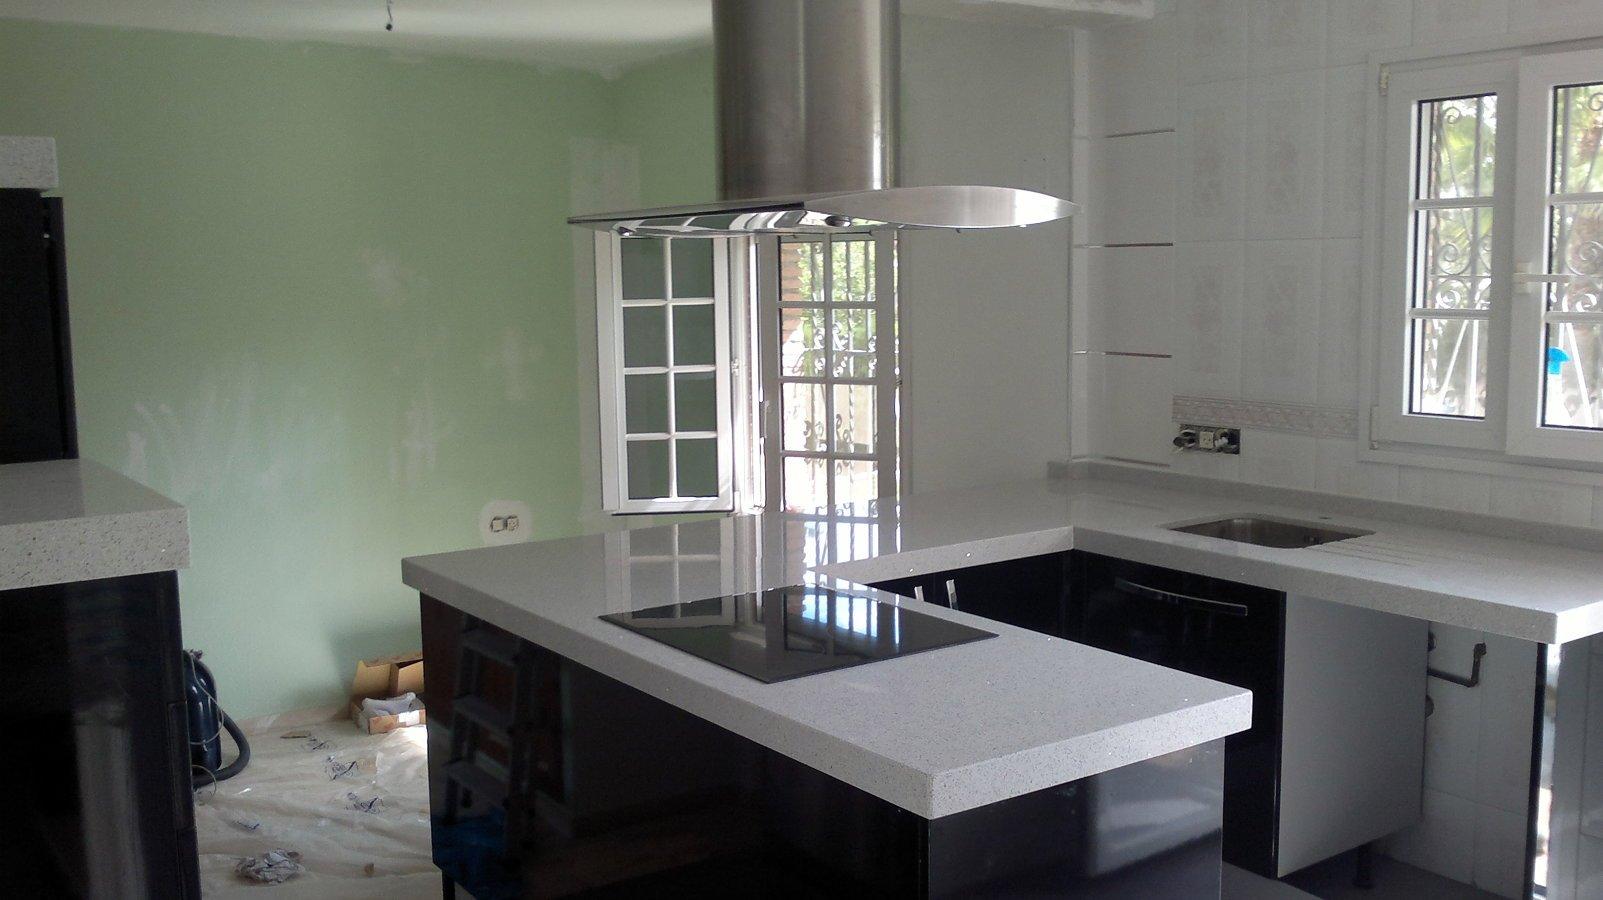 Cocinas integrales de guadalajara guadalajara car for Muebles tipo isla para cocina